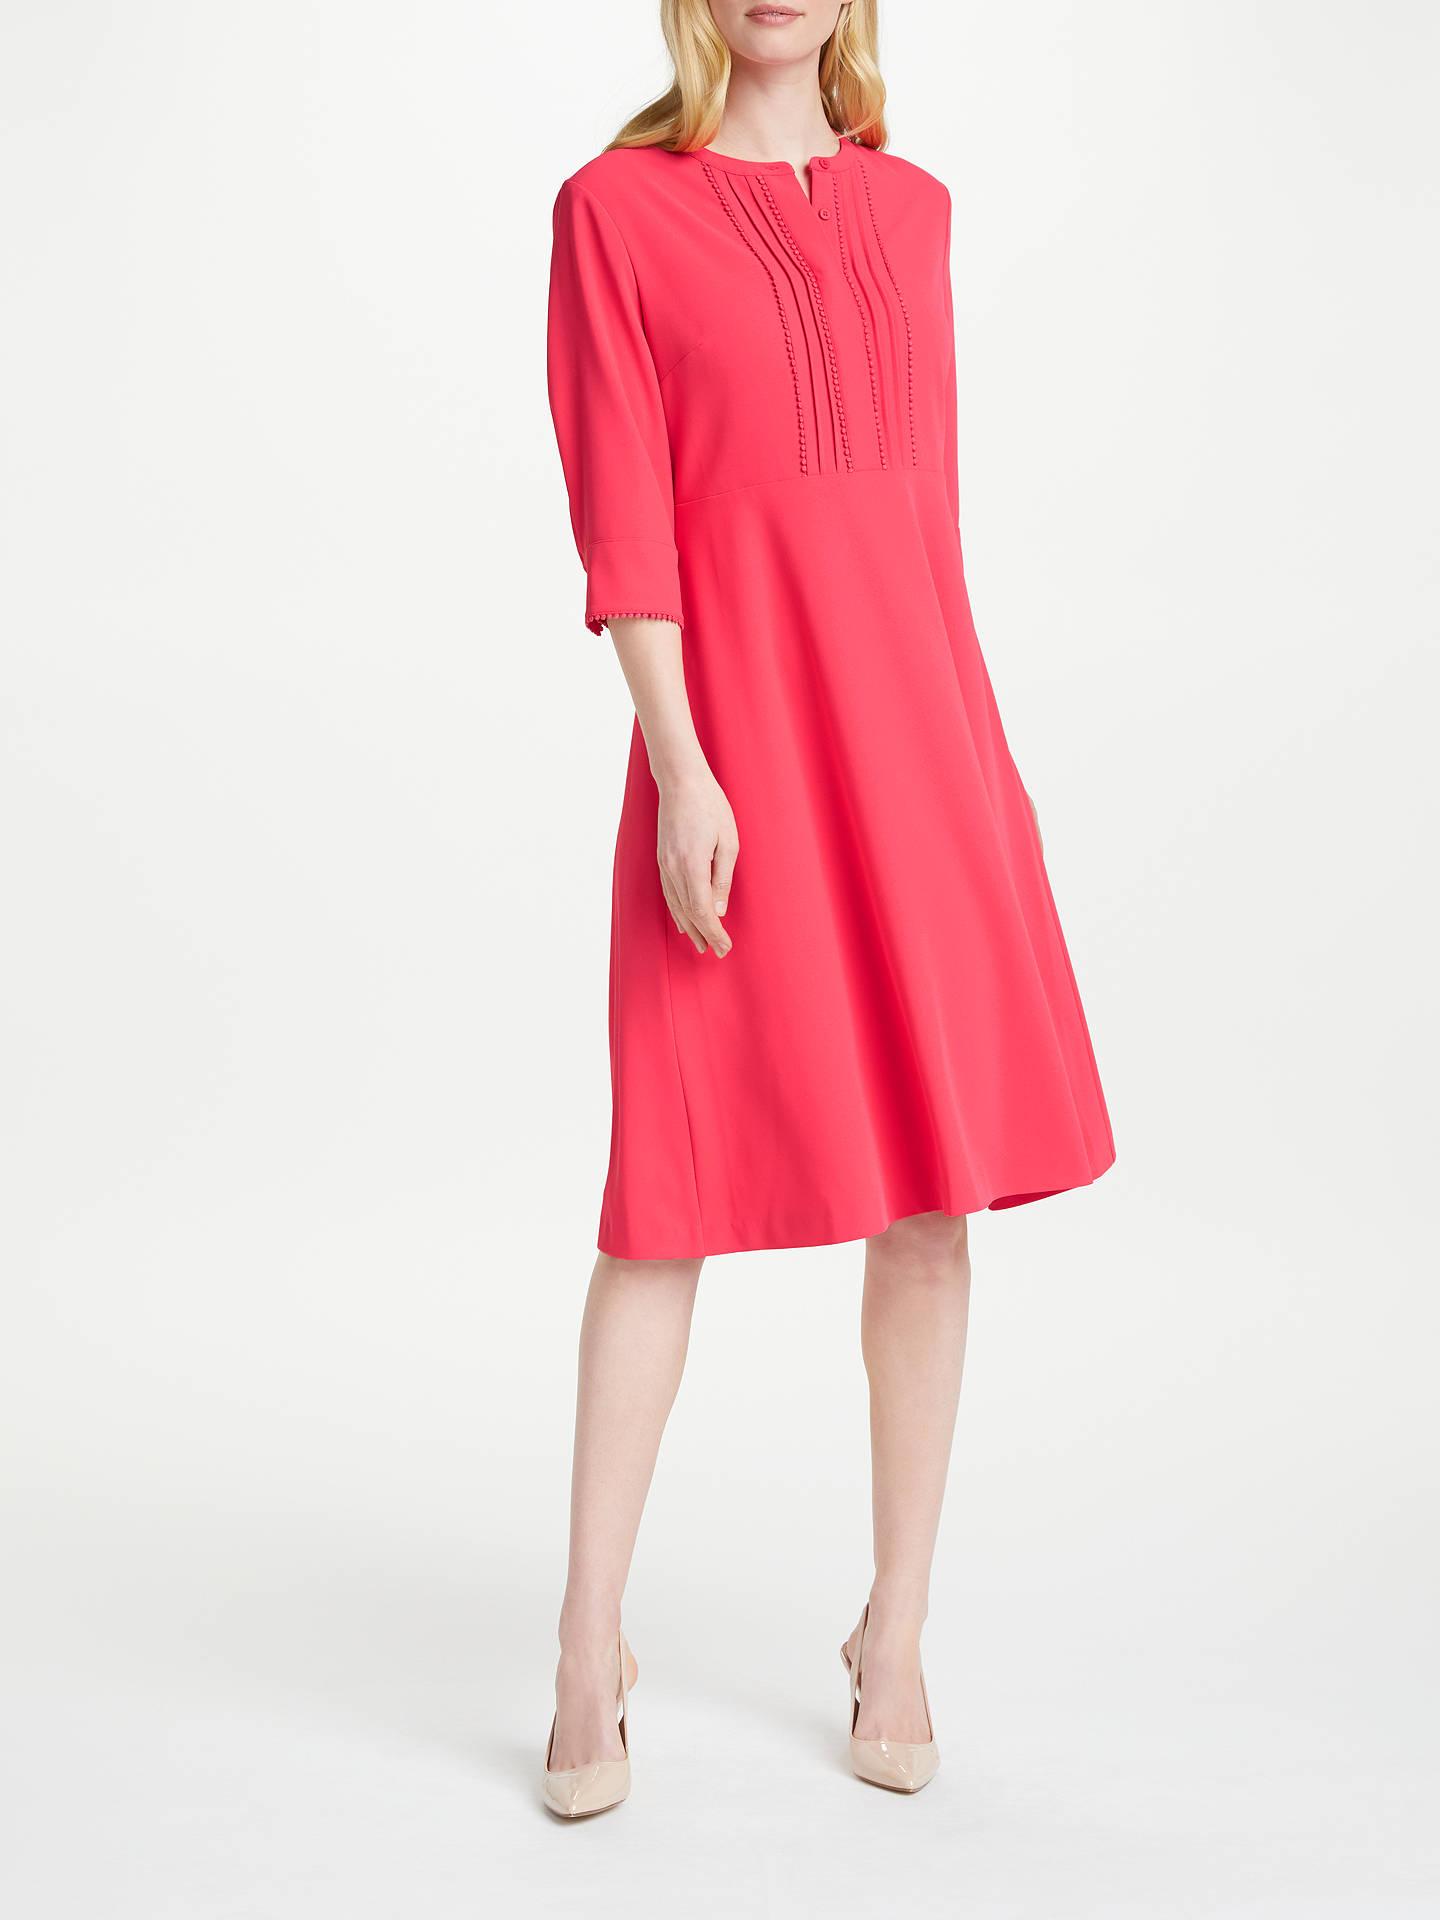 0f920bd37870 ... Buy John Lewis Pom Pom Trim Dress